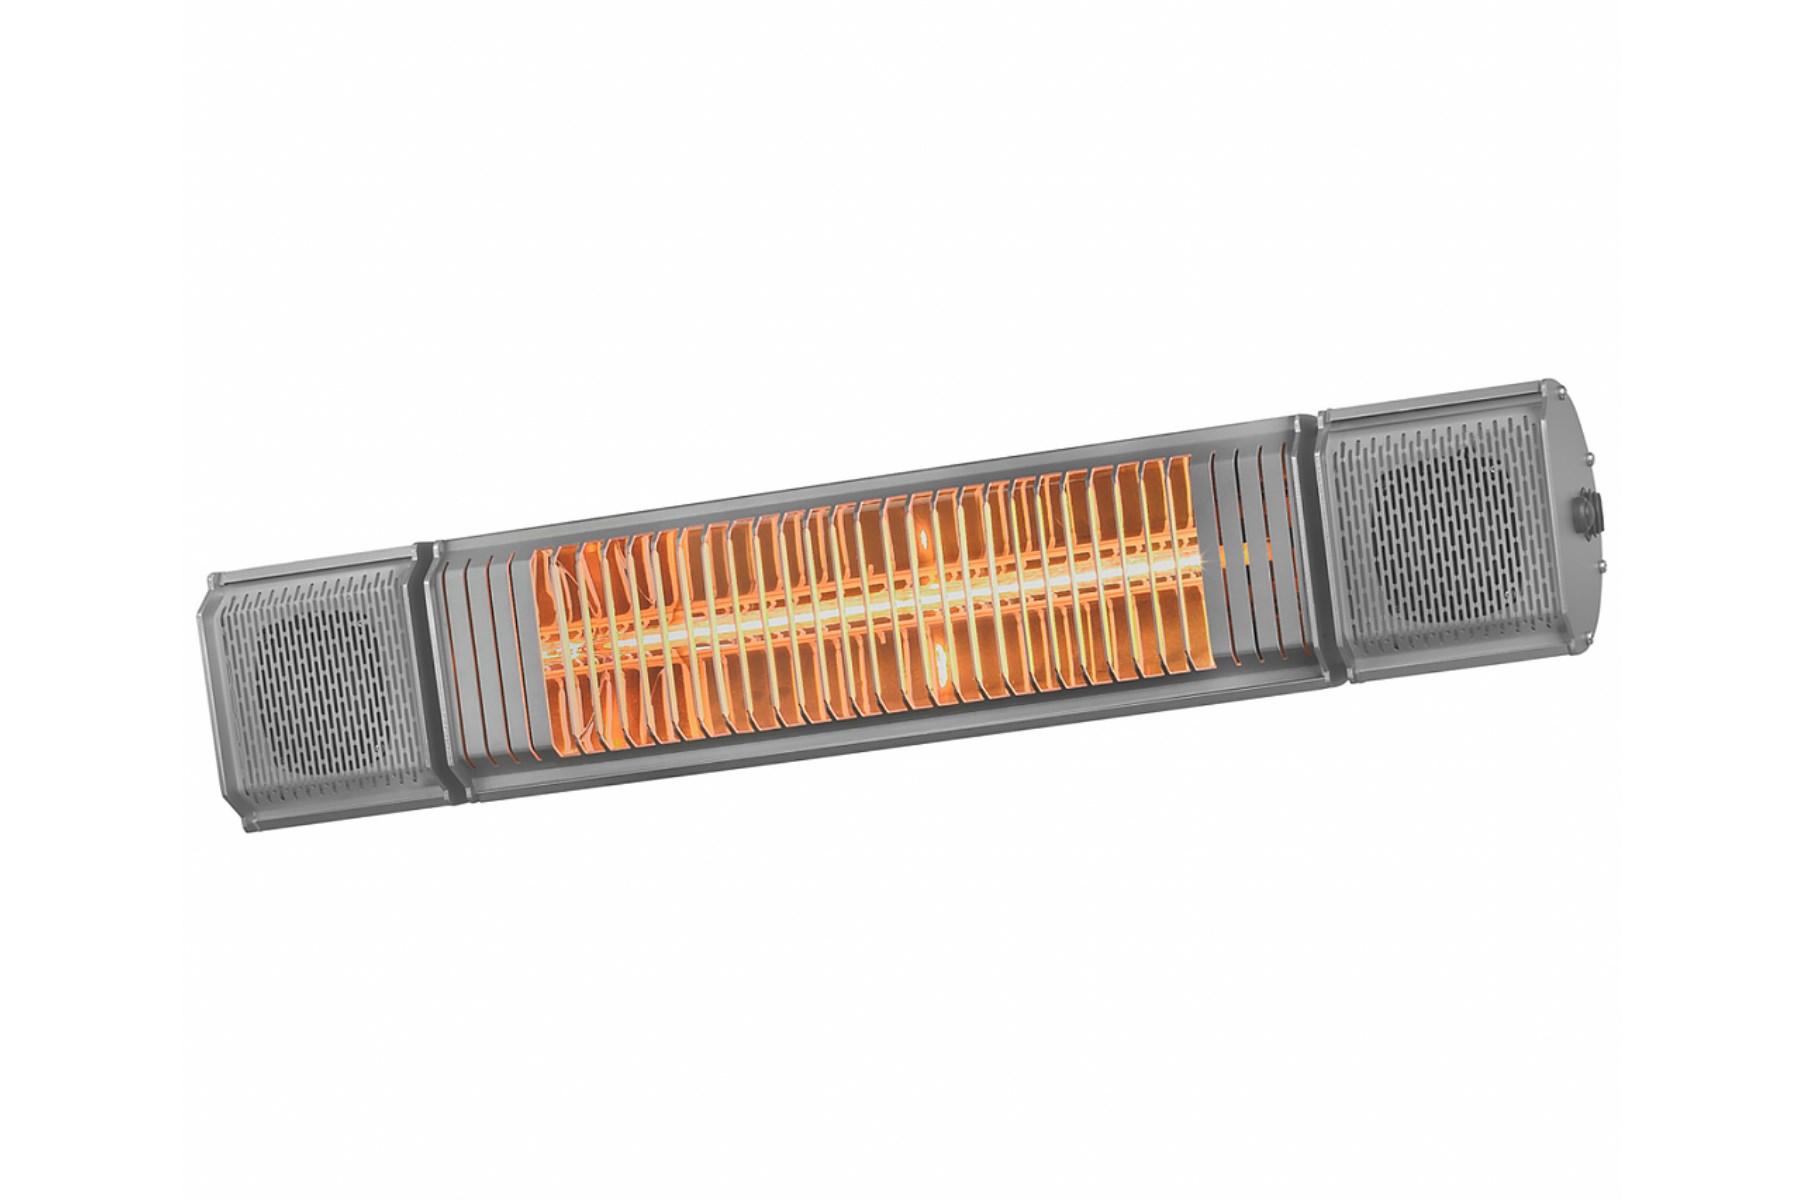 Naast muziek en sfeerverlichting is de Heat and Beat ook een uitmuntende terrasverwarmer van professionele kwaliteit. De Low-glare golden lamp is traploos te dimmen, zodat je altijd optimale verwarming geniet, in ieder seizoen.